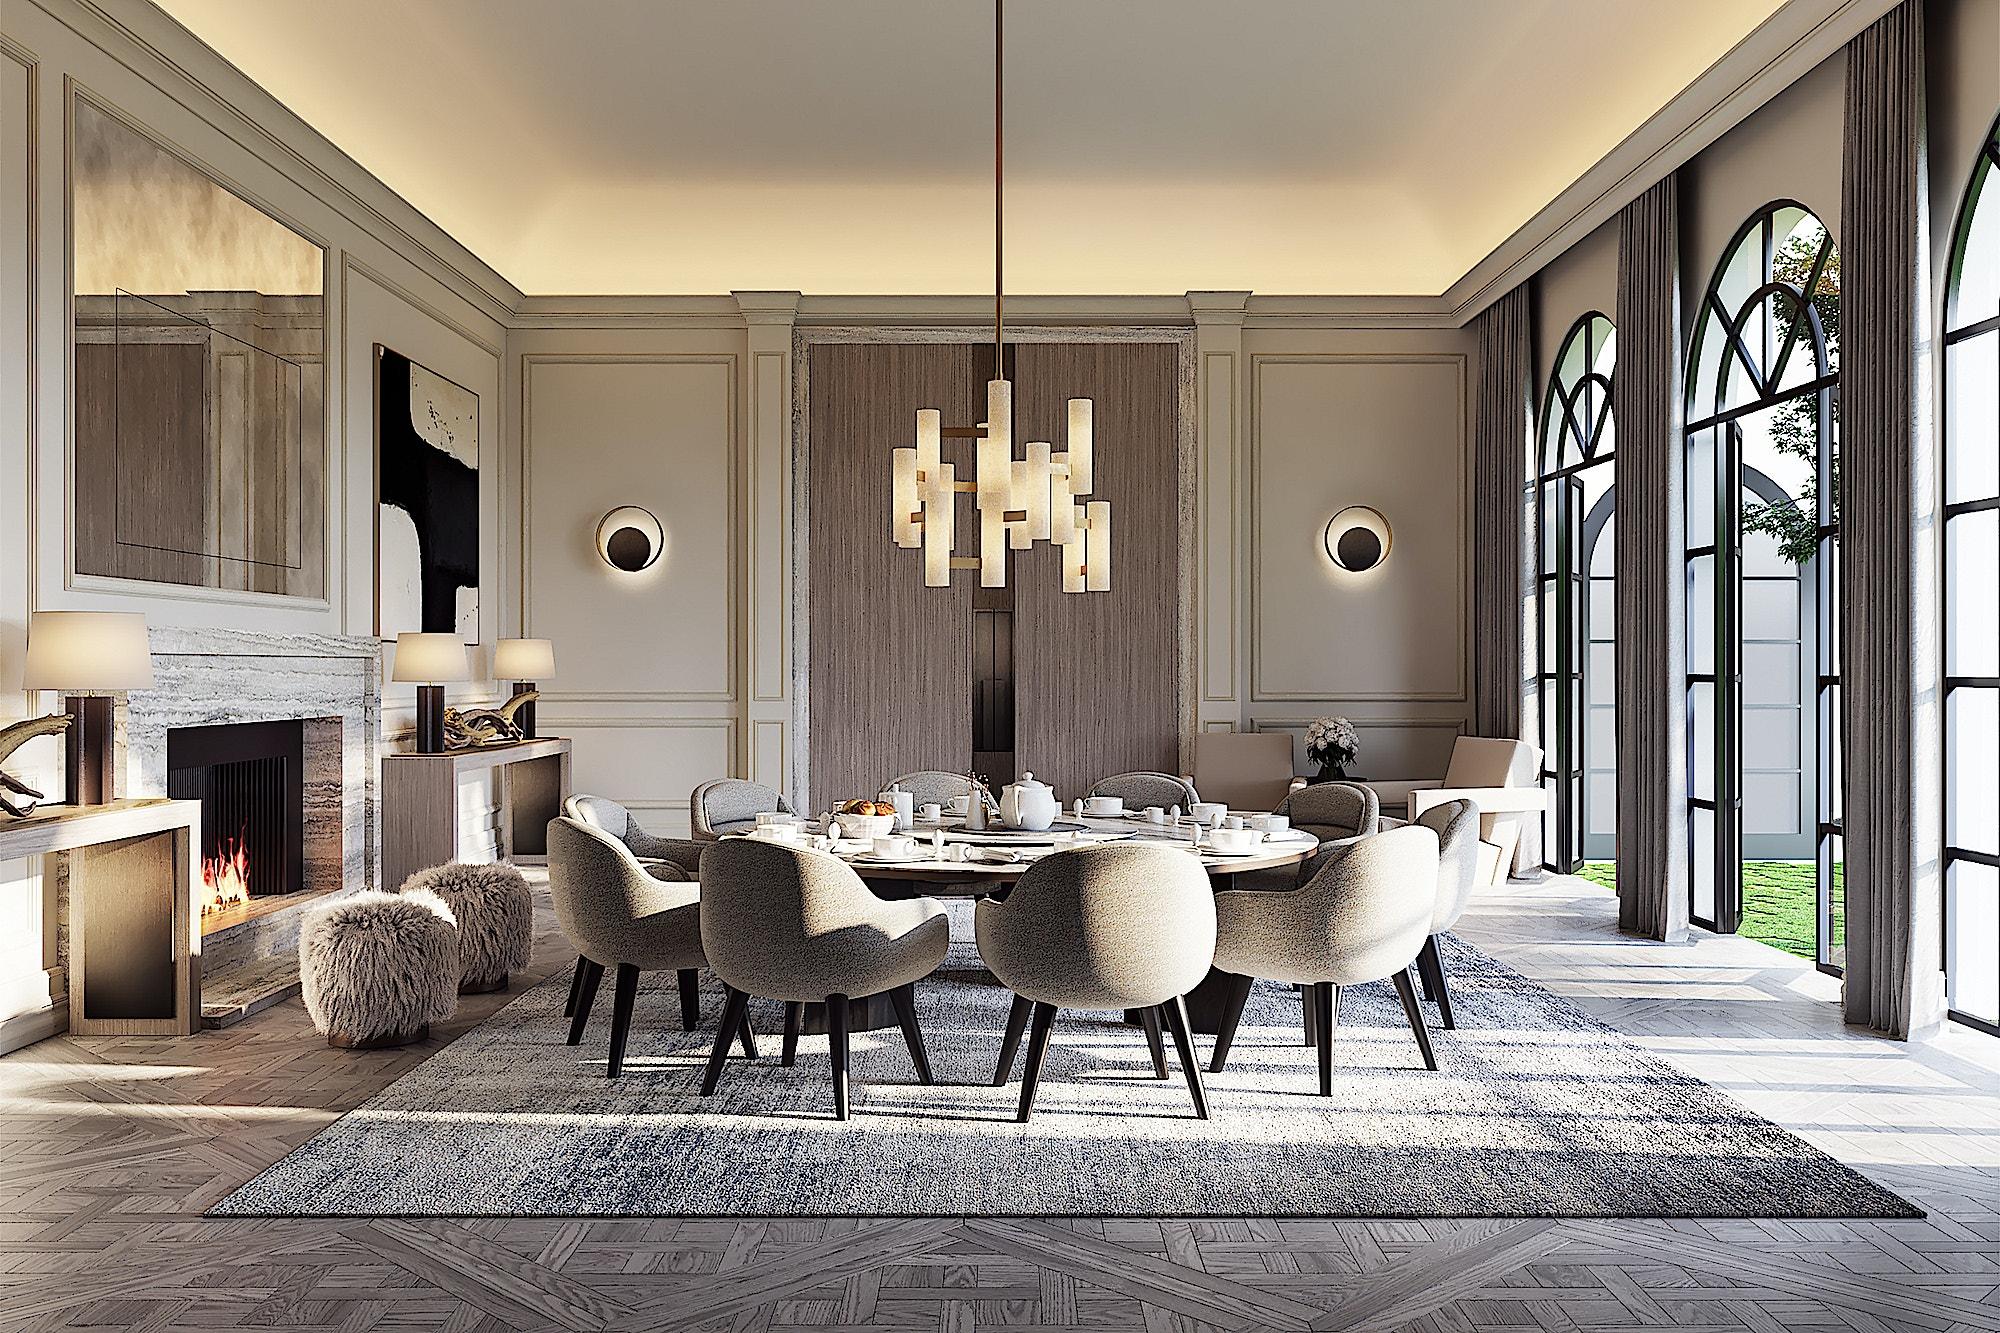 MAWD-Bel-Air-luxury-breakfast-room